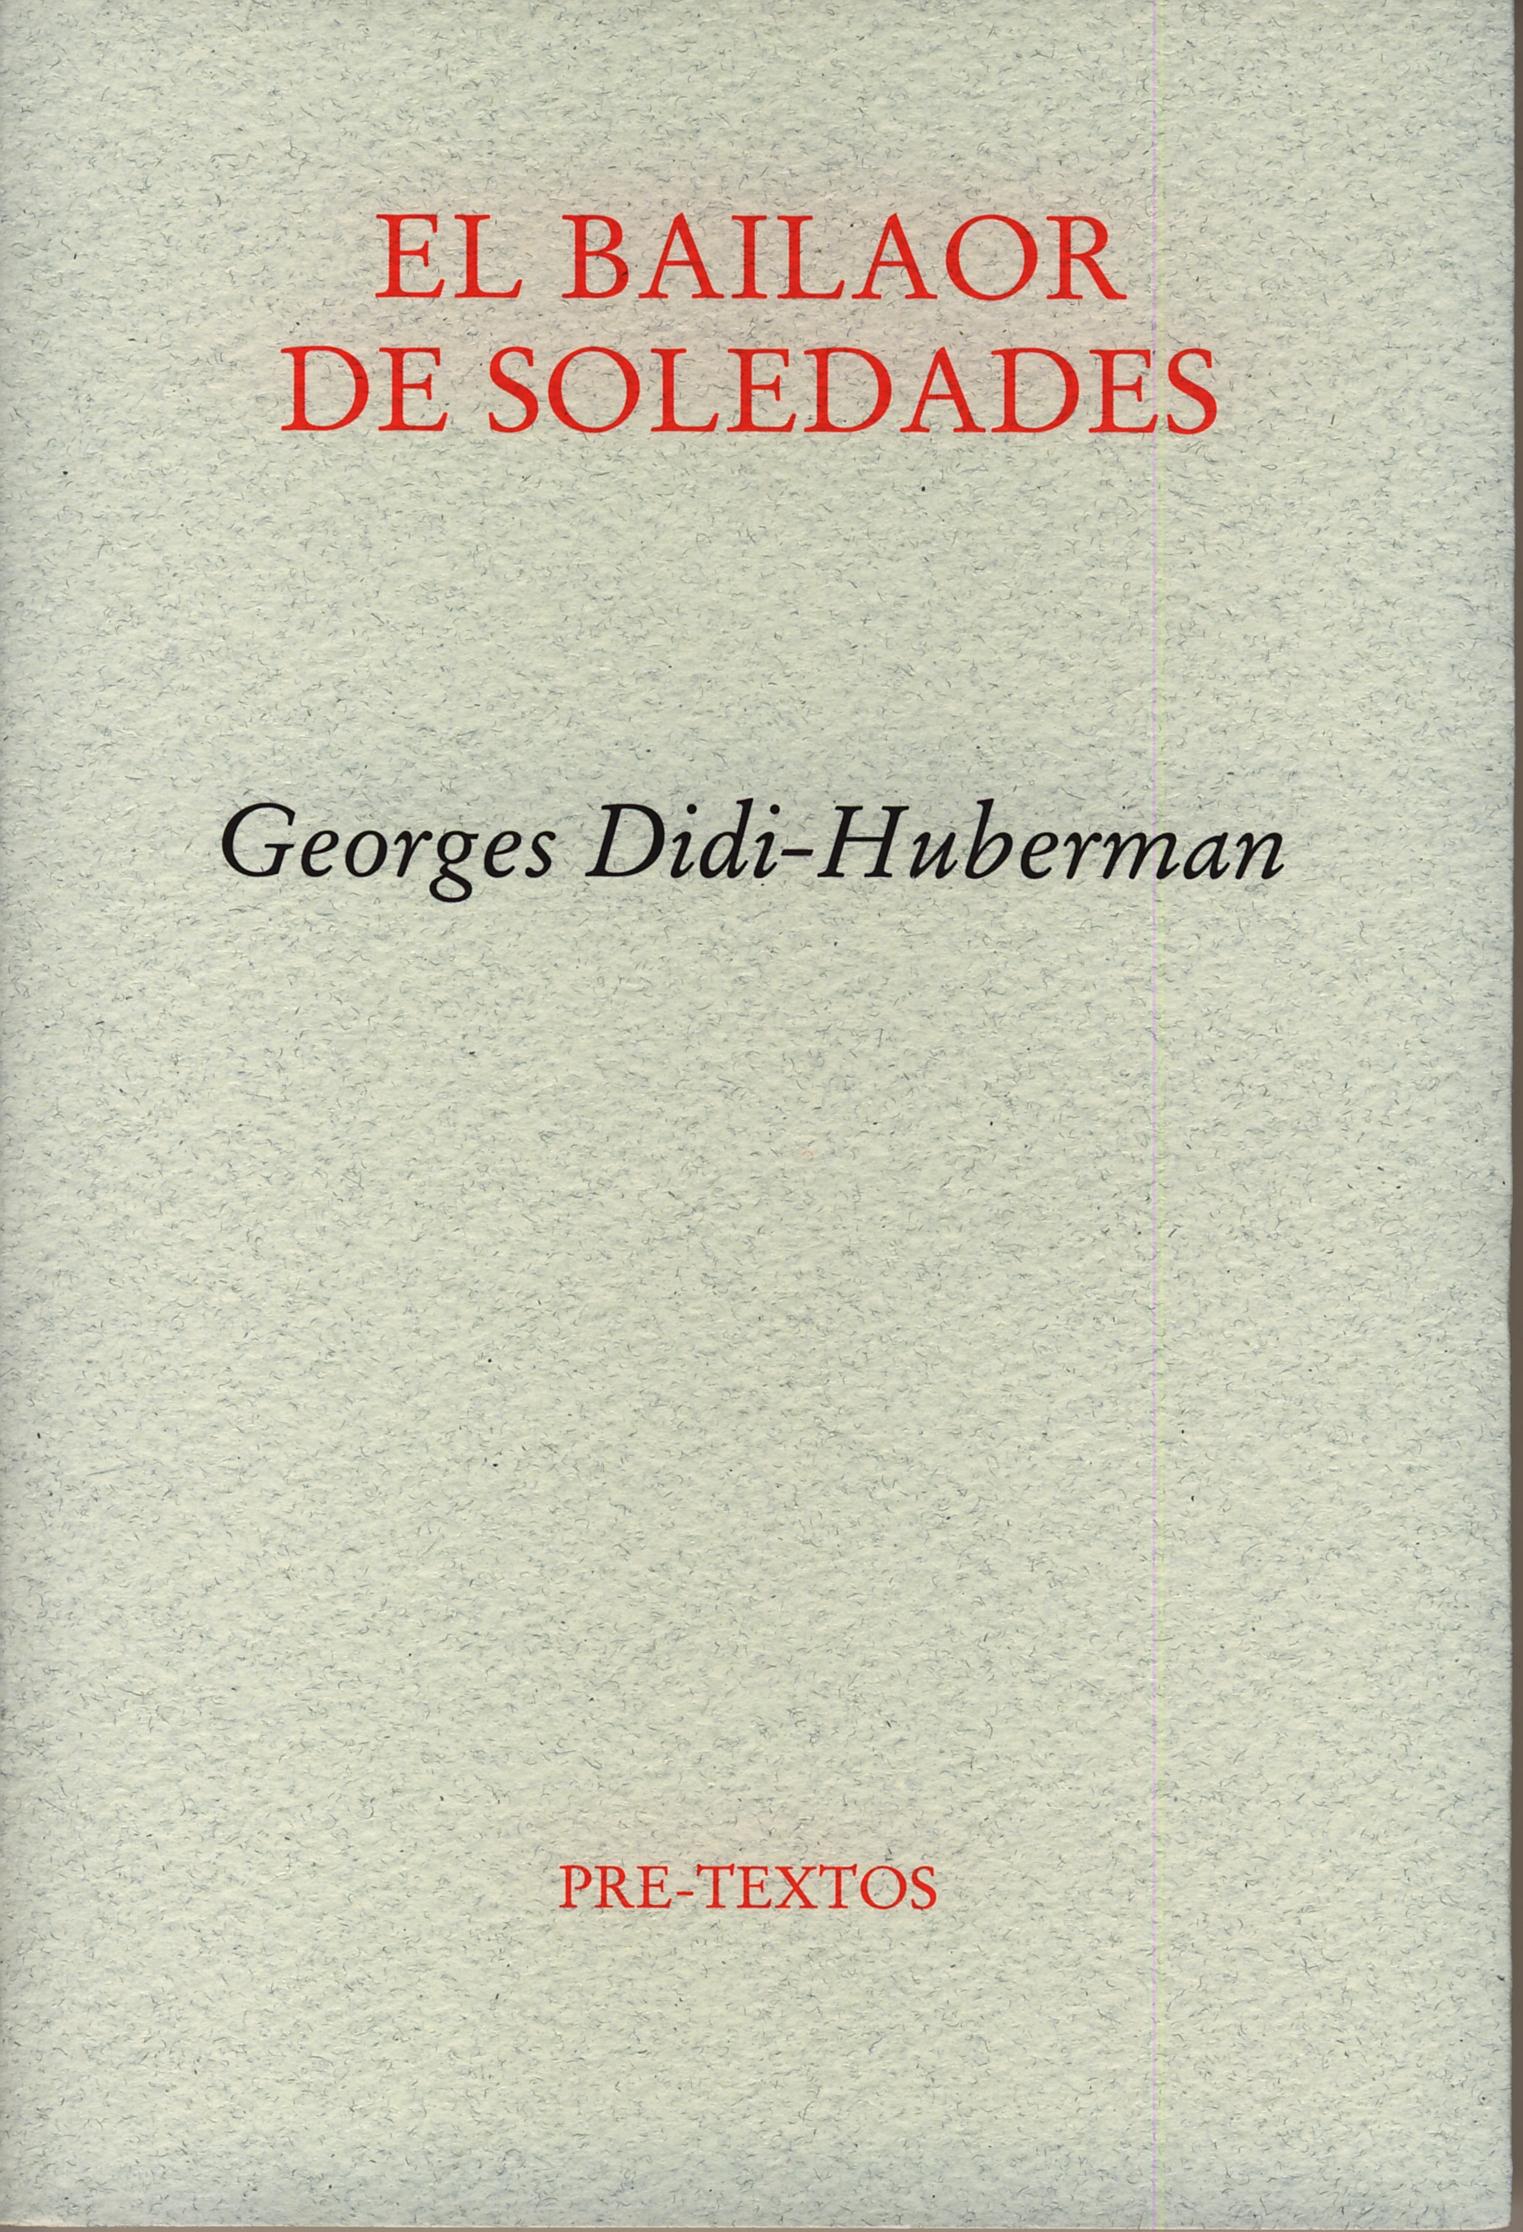 EL BAILAOR DE SOLEDADES